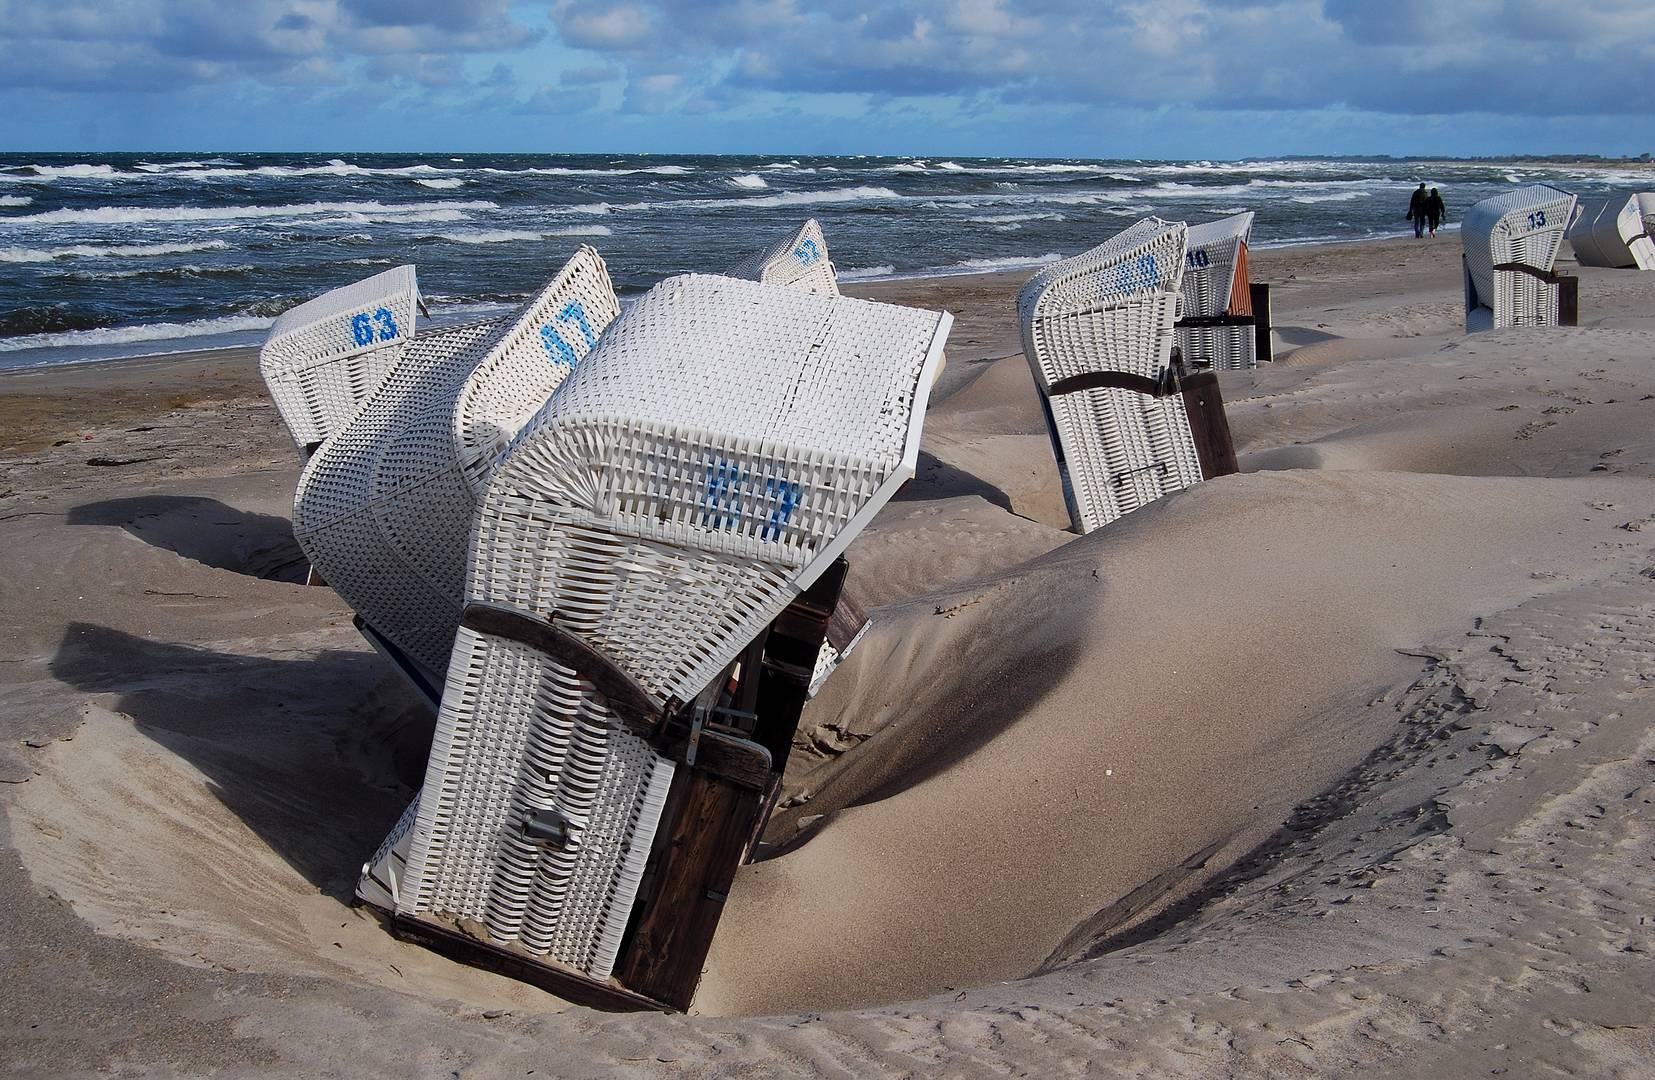 nach dem Sandsturm - Ostseebad Dierhagen 1